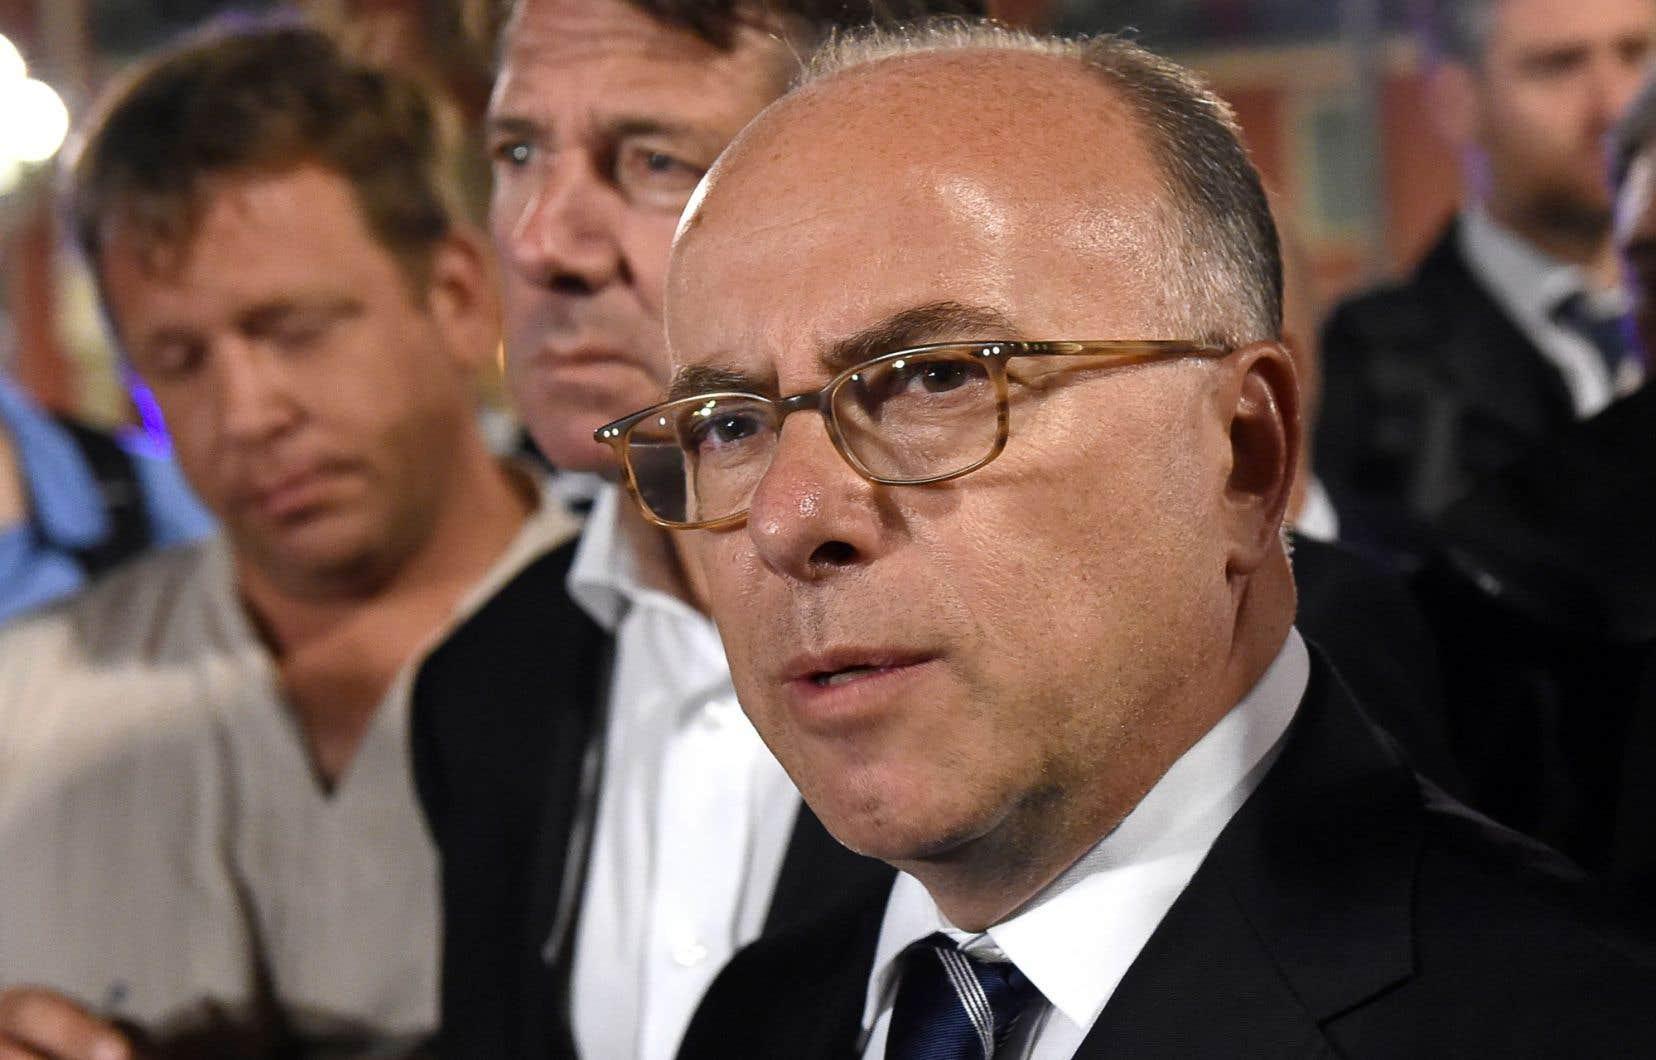 Le ministre français de l'Intérieur, Bernard Cazeneuve, a porté plainte pour diffamation envers la police nationale.